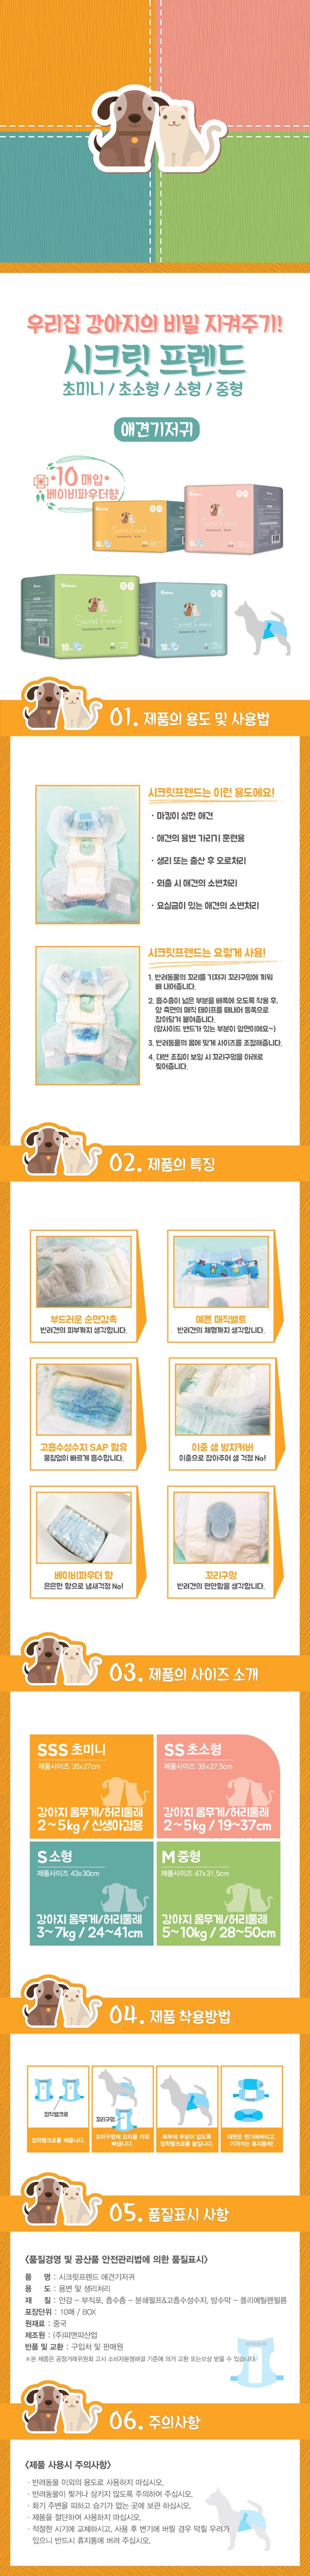 애견기저귀(초소형견용) - 굿프랜드, 5,580원, 위생/배변용품, 기저귀